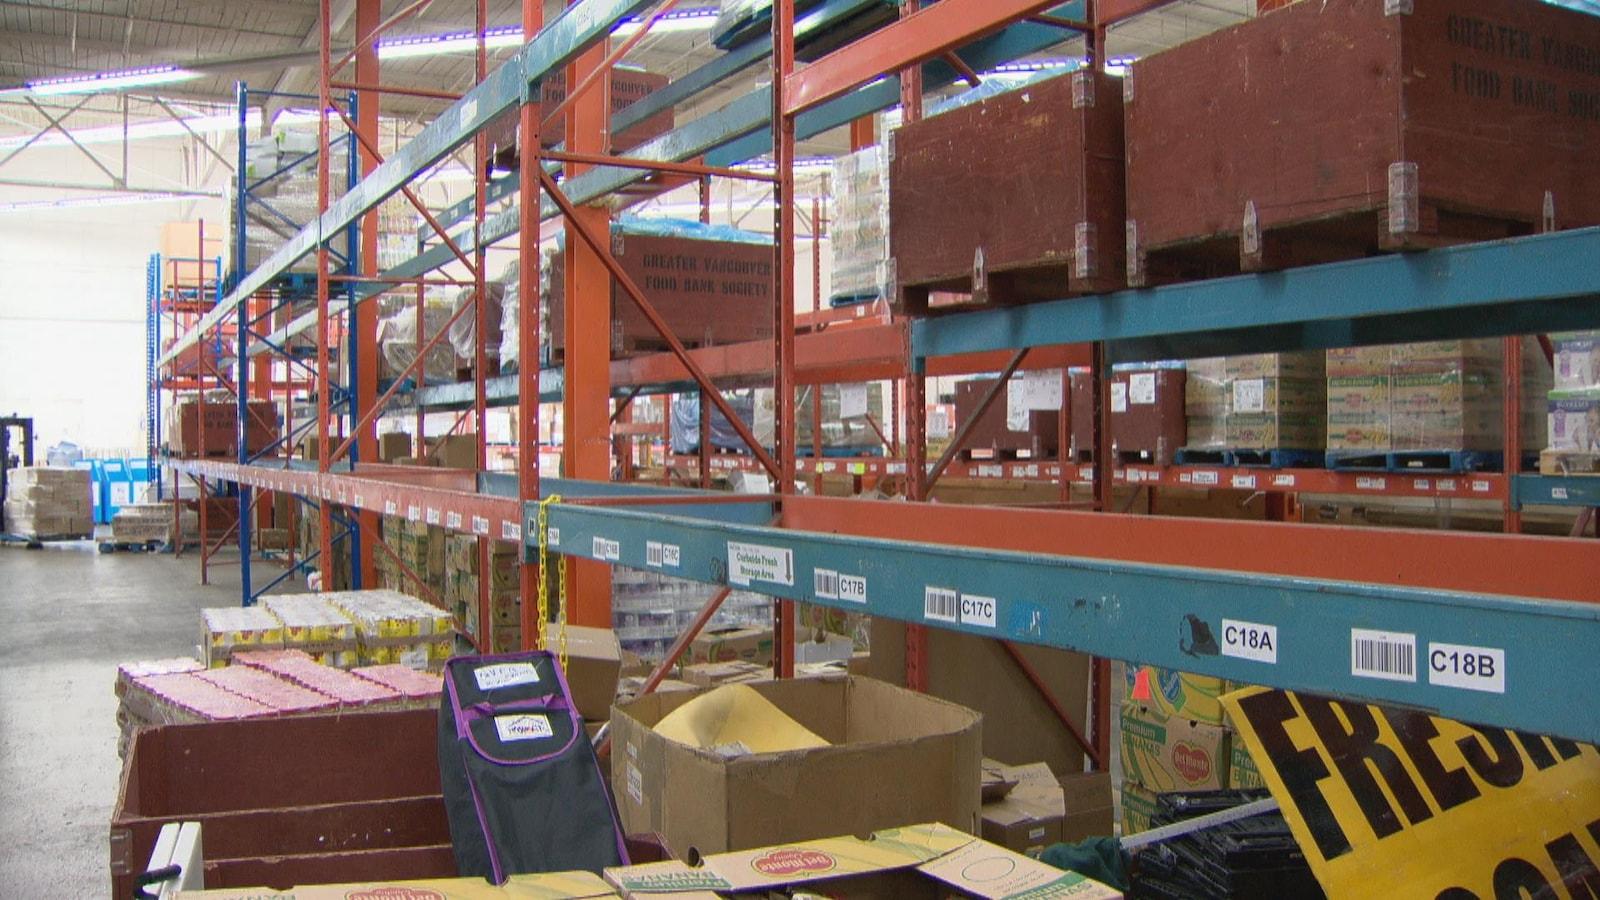 Les étagères d'un entrepôt sont vides sur toute leur longueur.